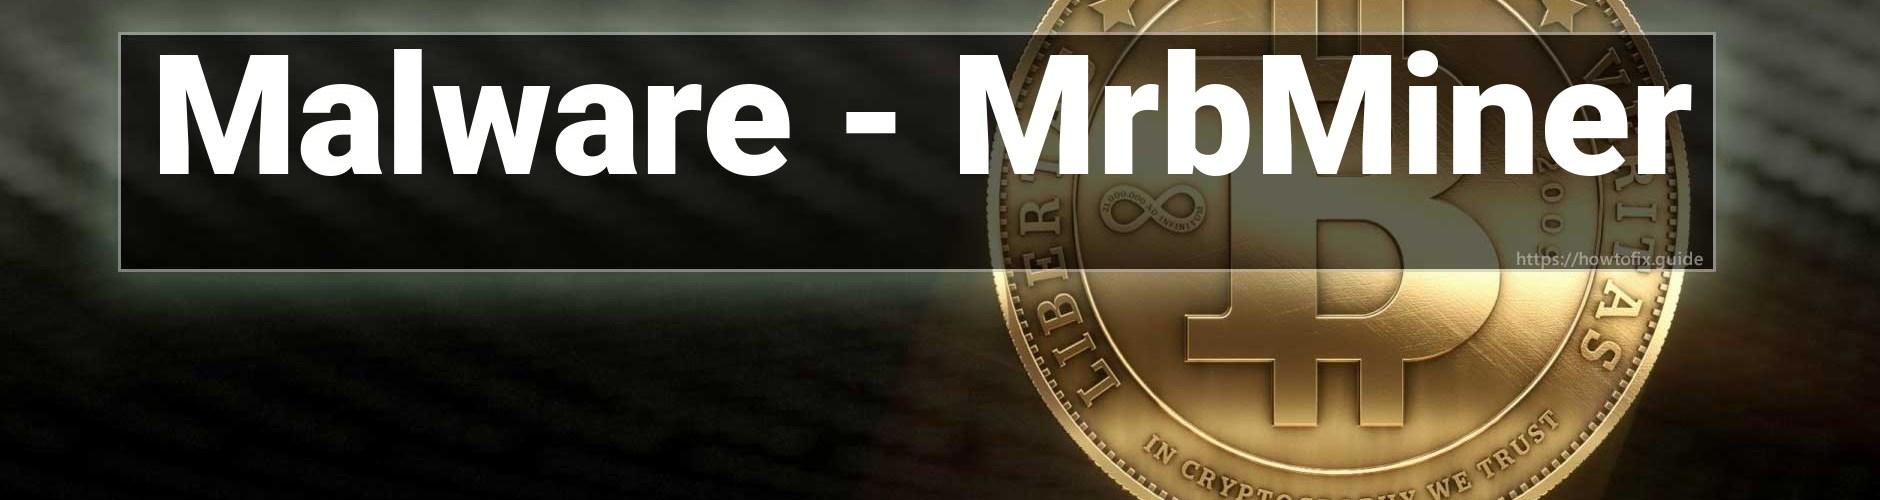 MrbMiner Malware